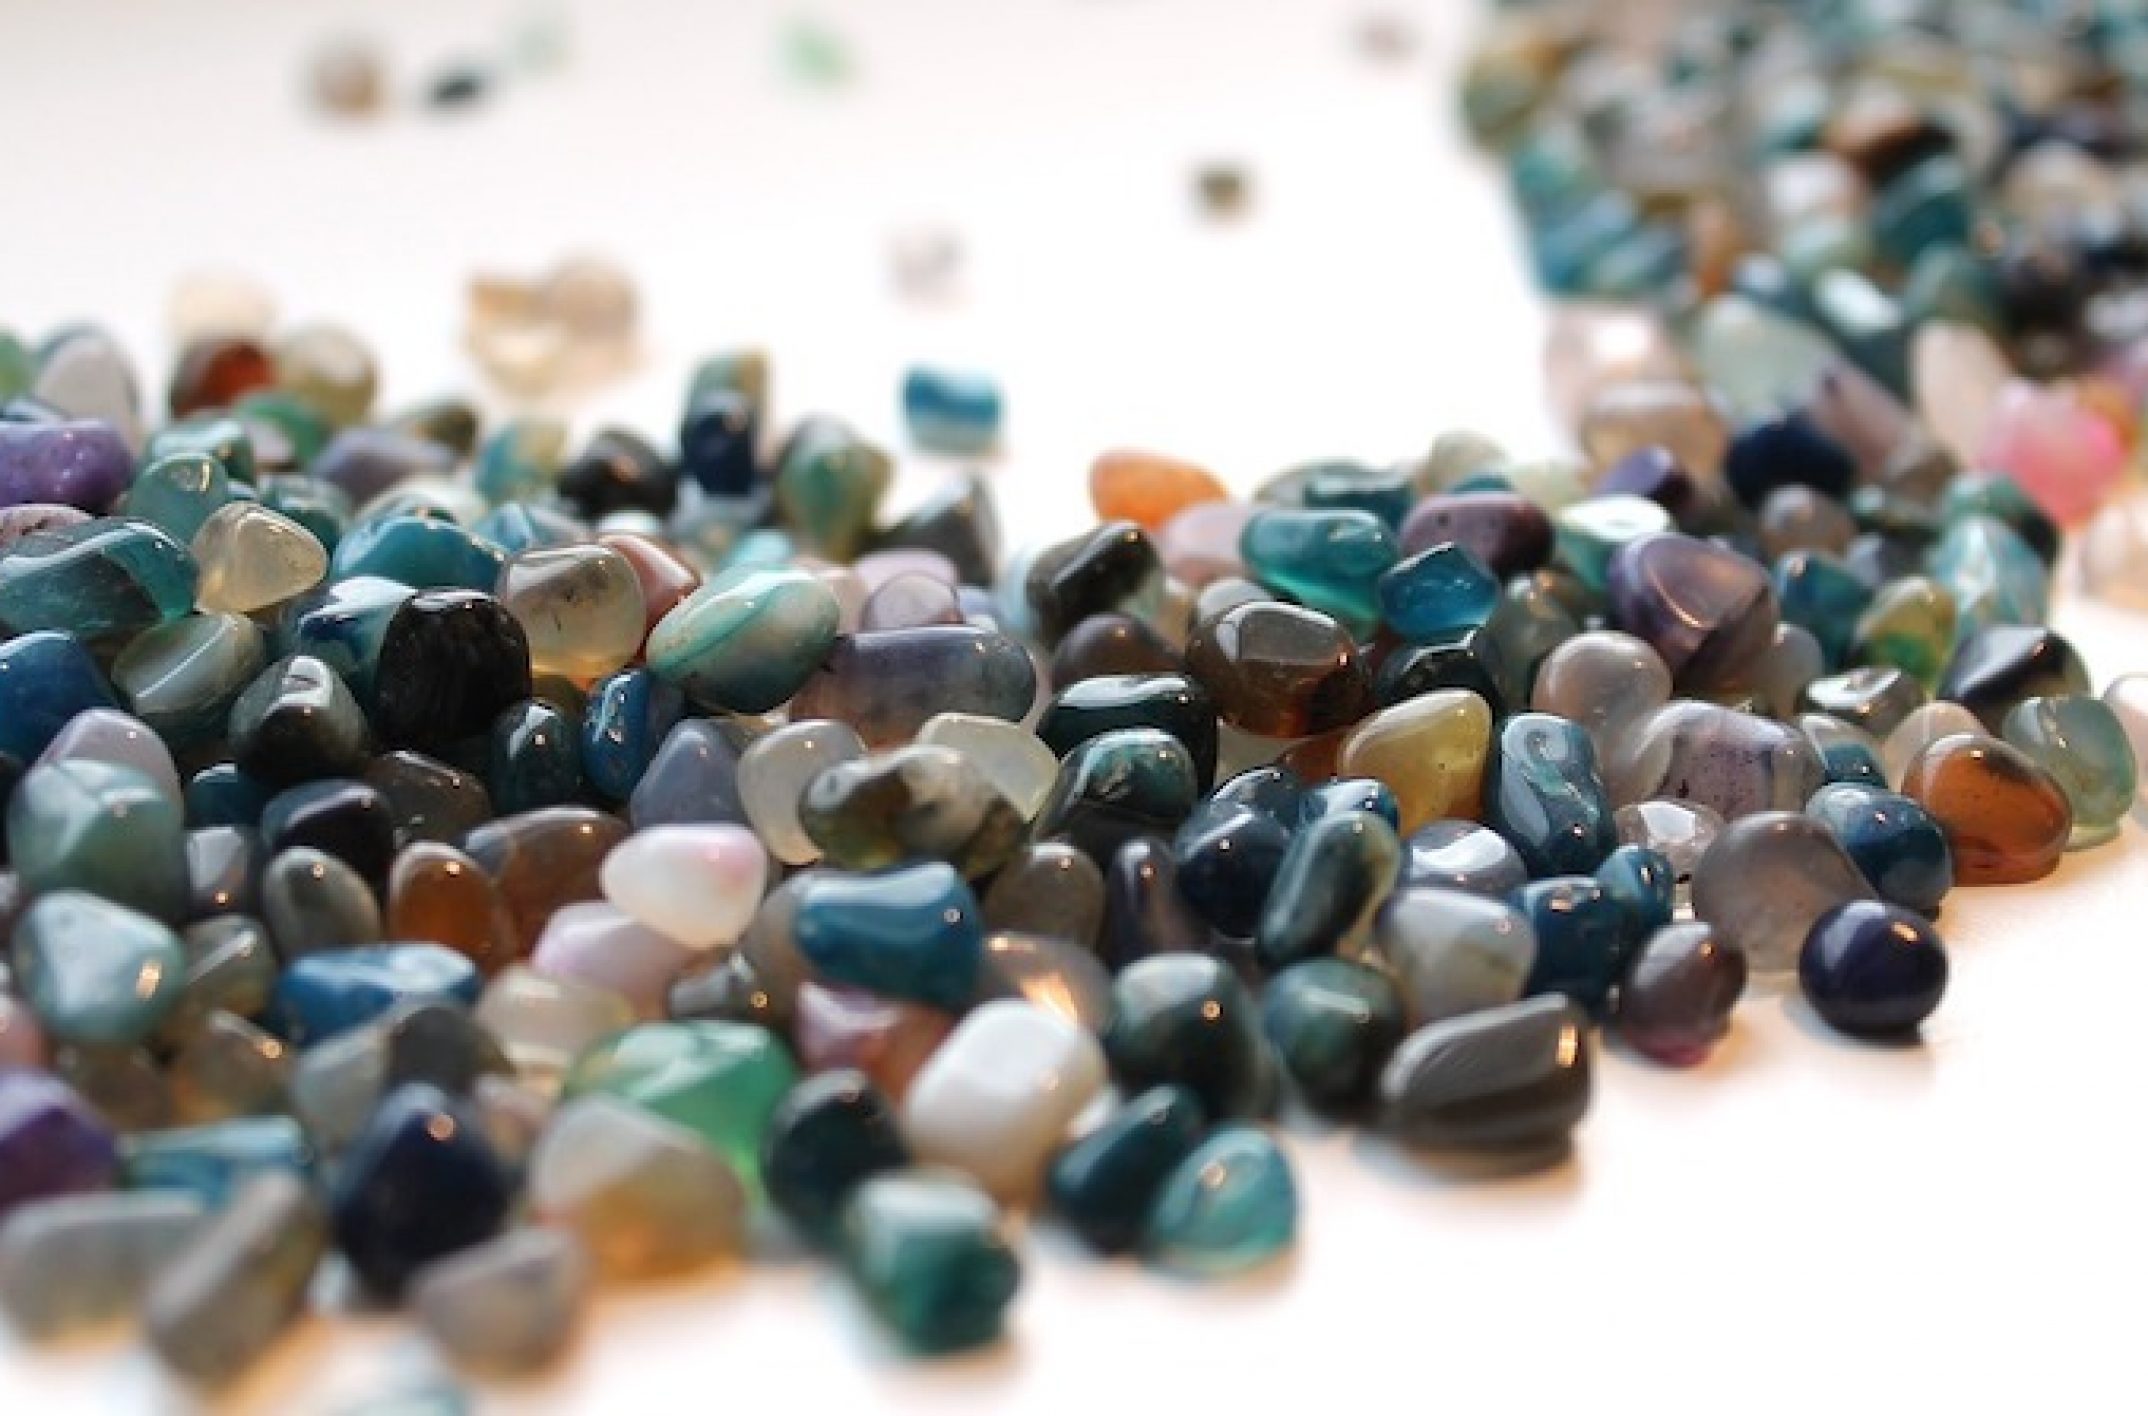 Lithothérapie : l'art de profiter des bienfaits des pierres pour se soigner